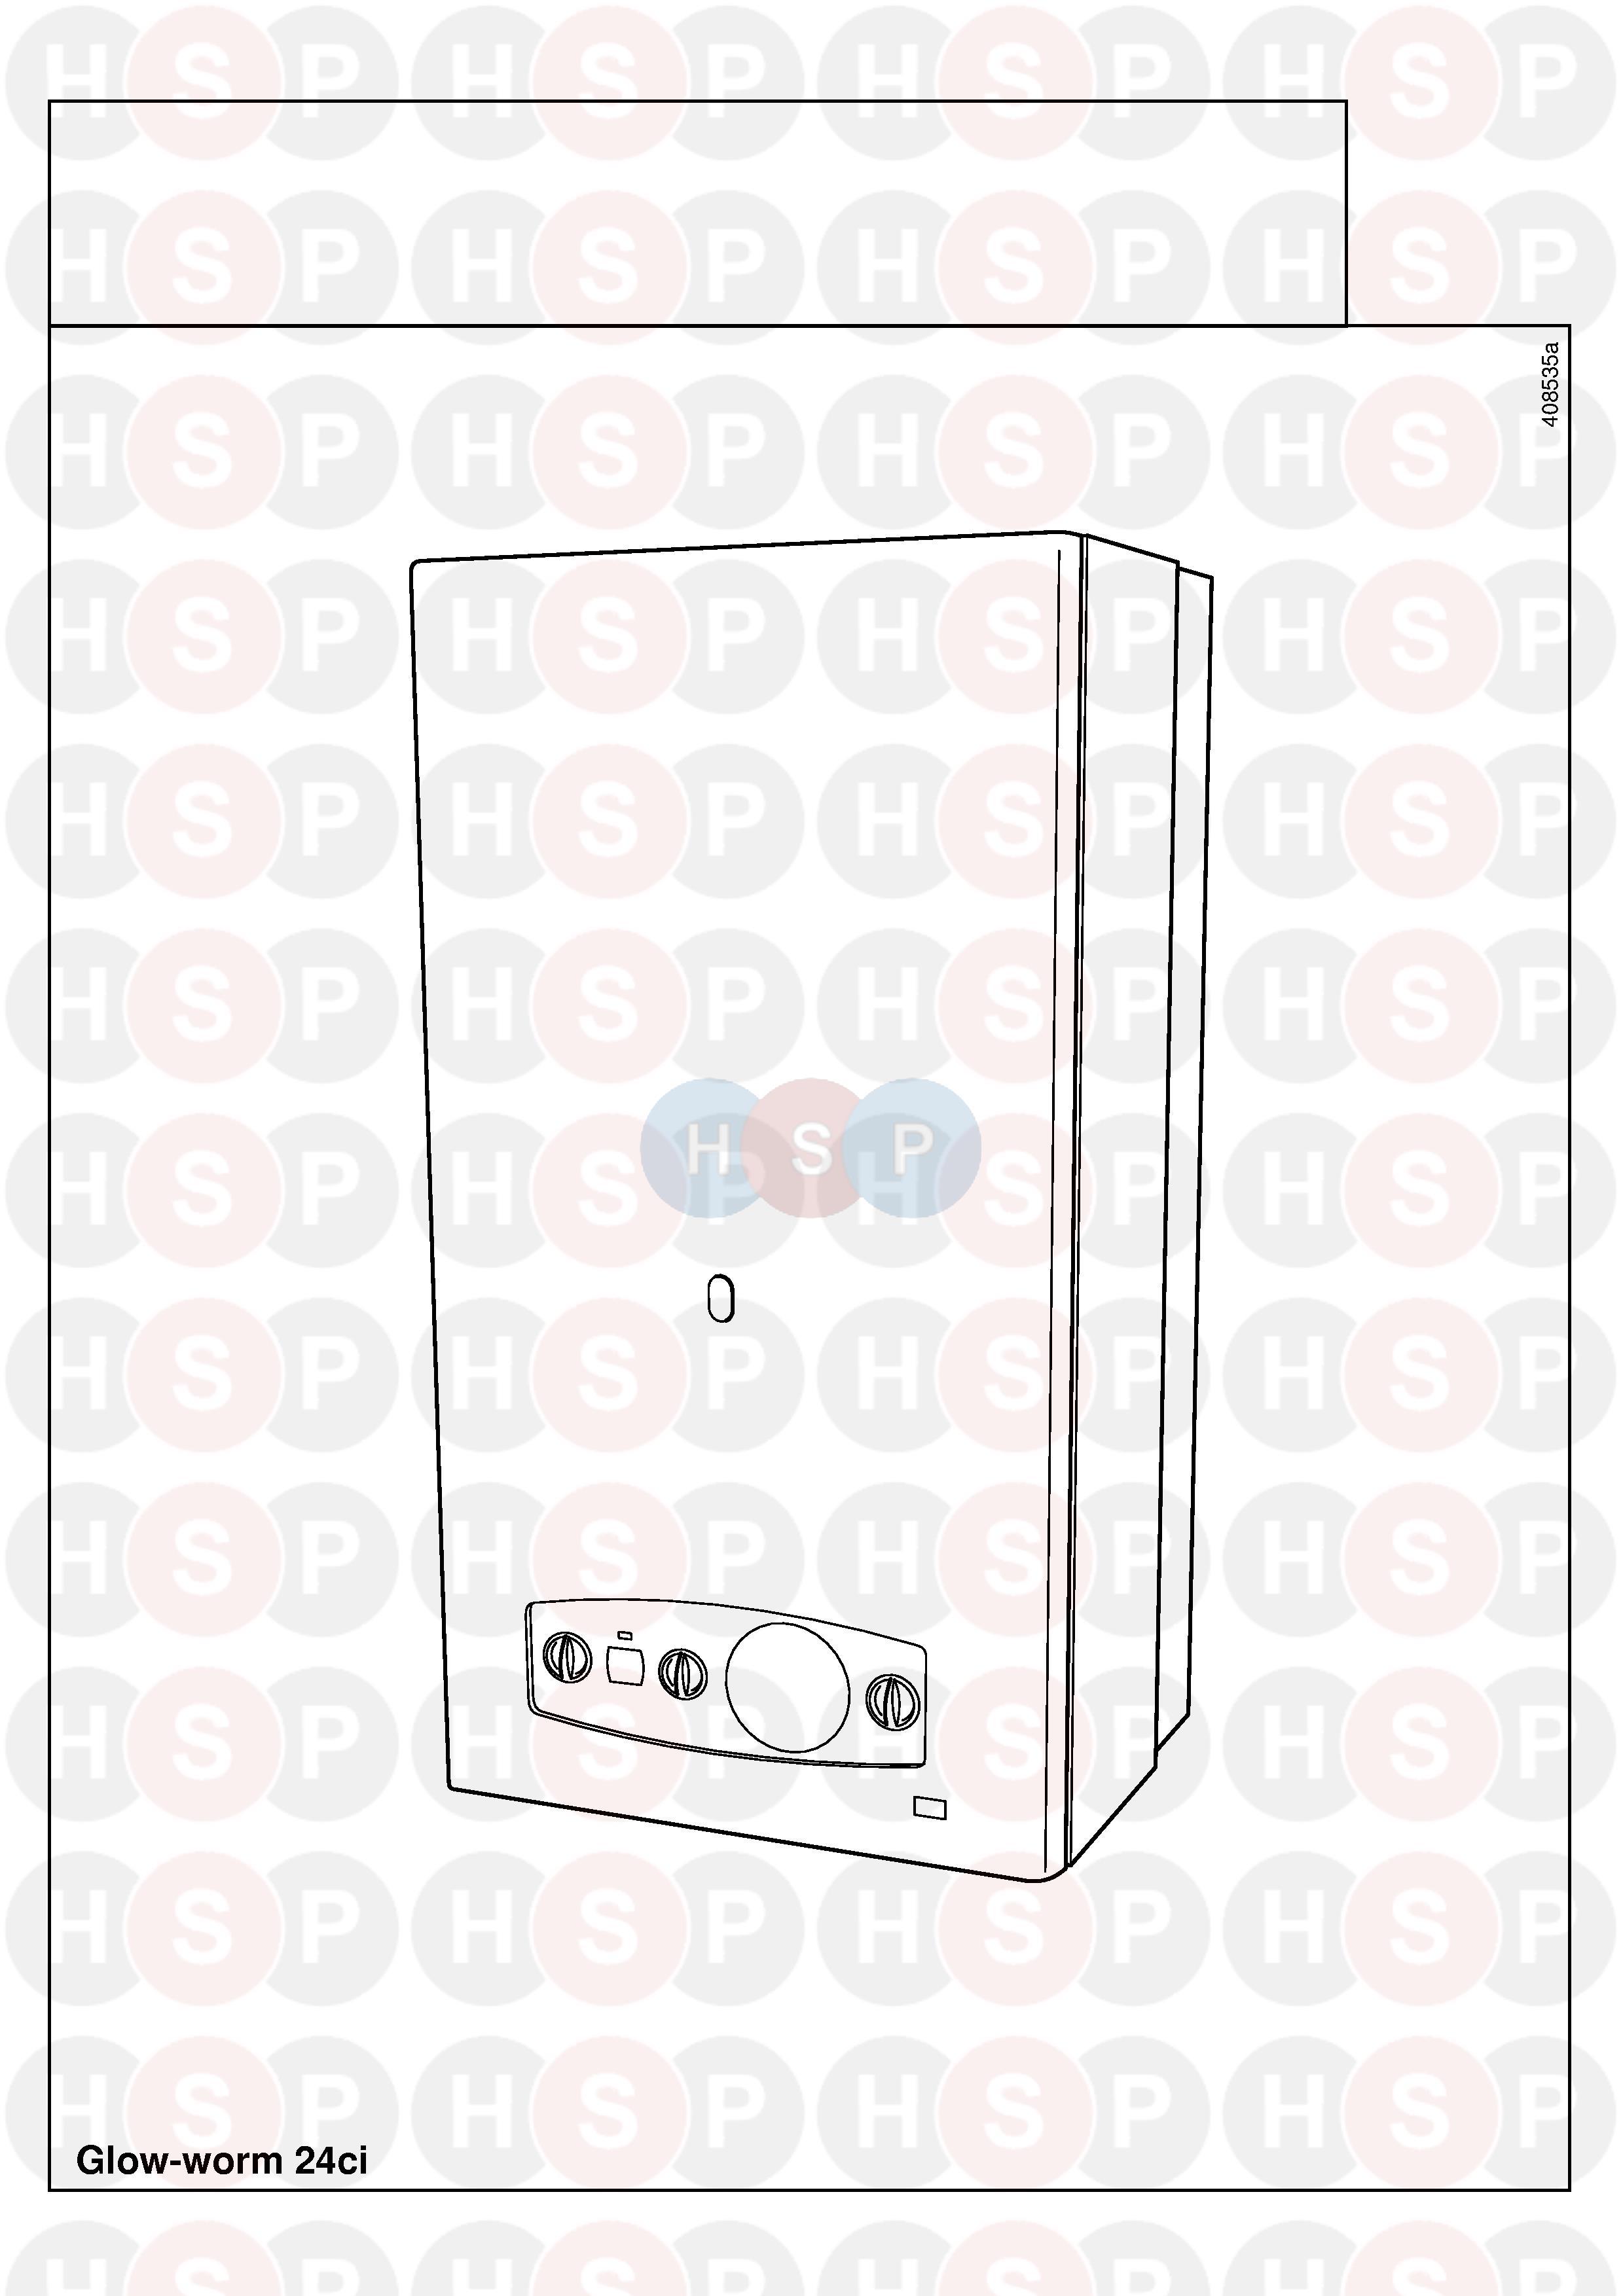 Glowworm GLOWWORM 24CI (Appliance overview) Diagram | Heating Spare ...